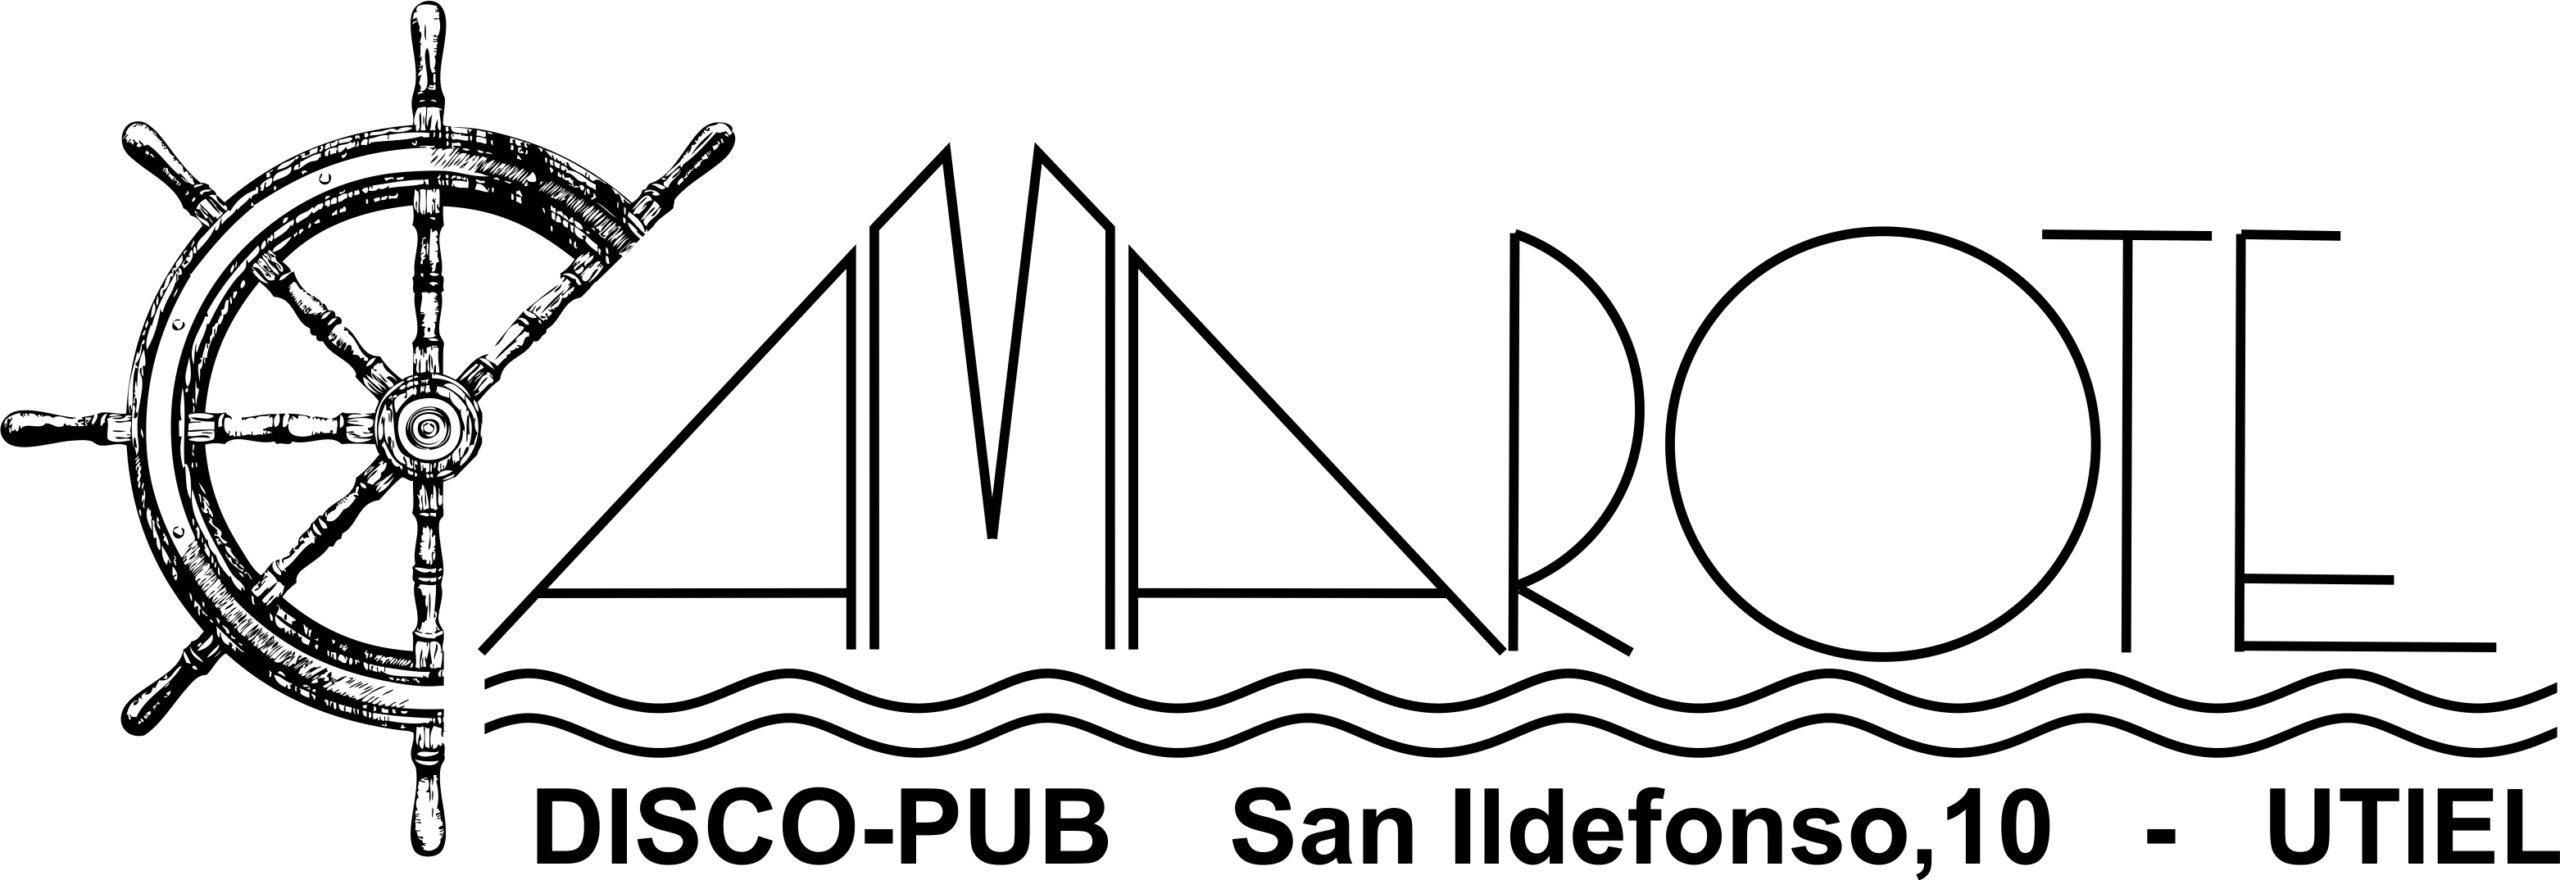 DISCO-PUB EL CAMAROTE